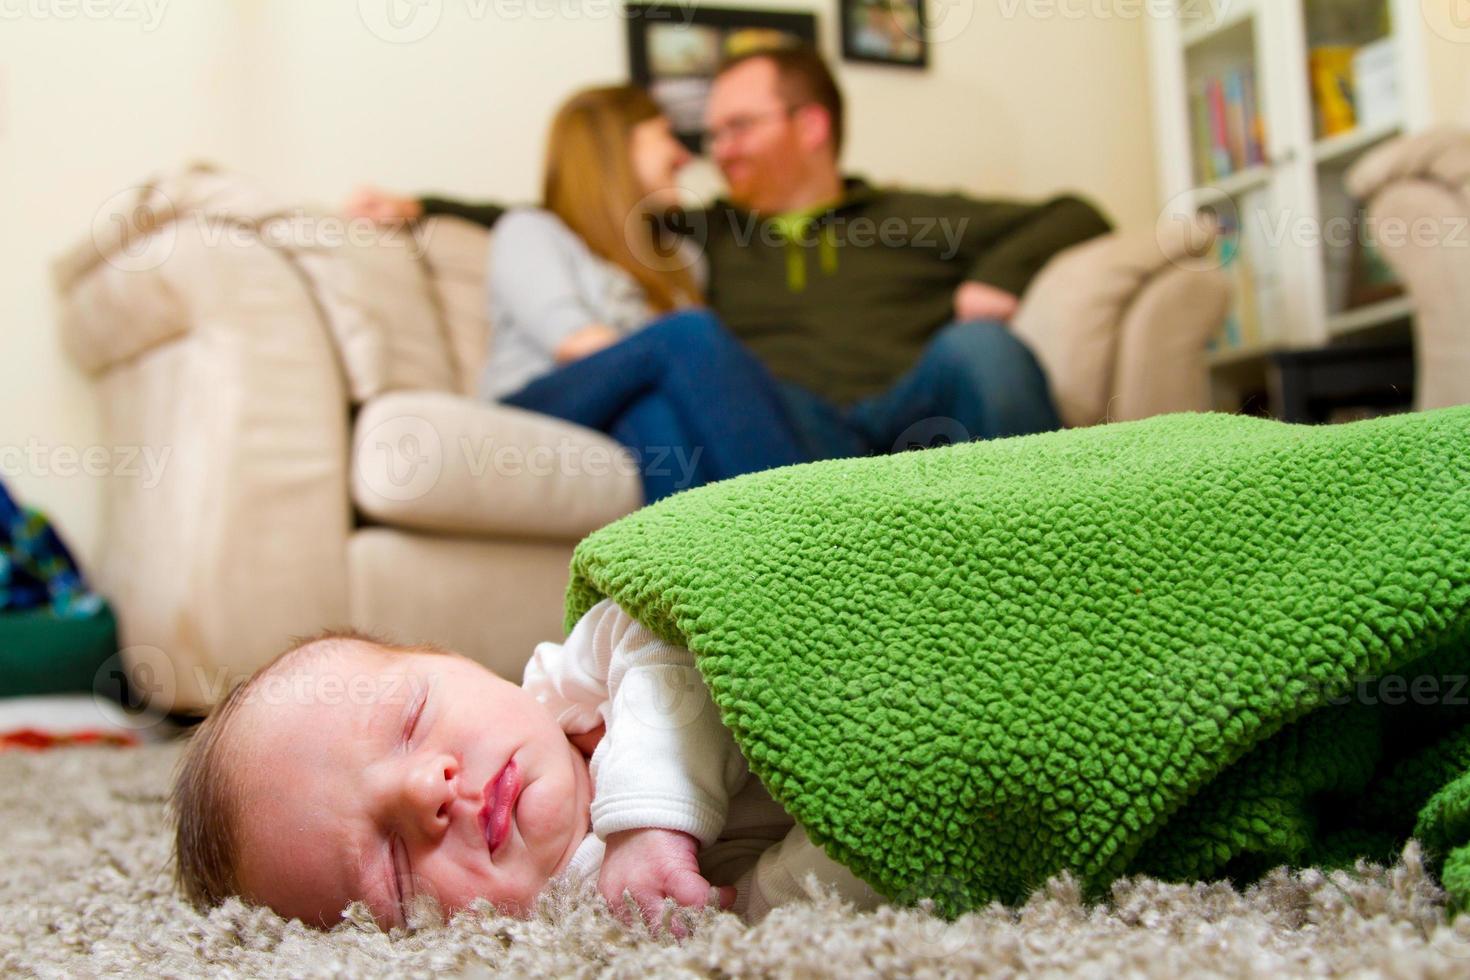 família com menino recém-nascido foto